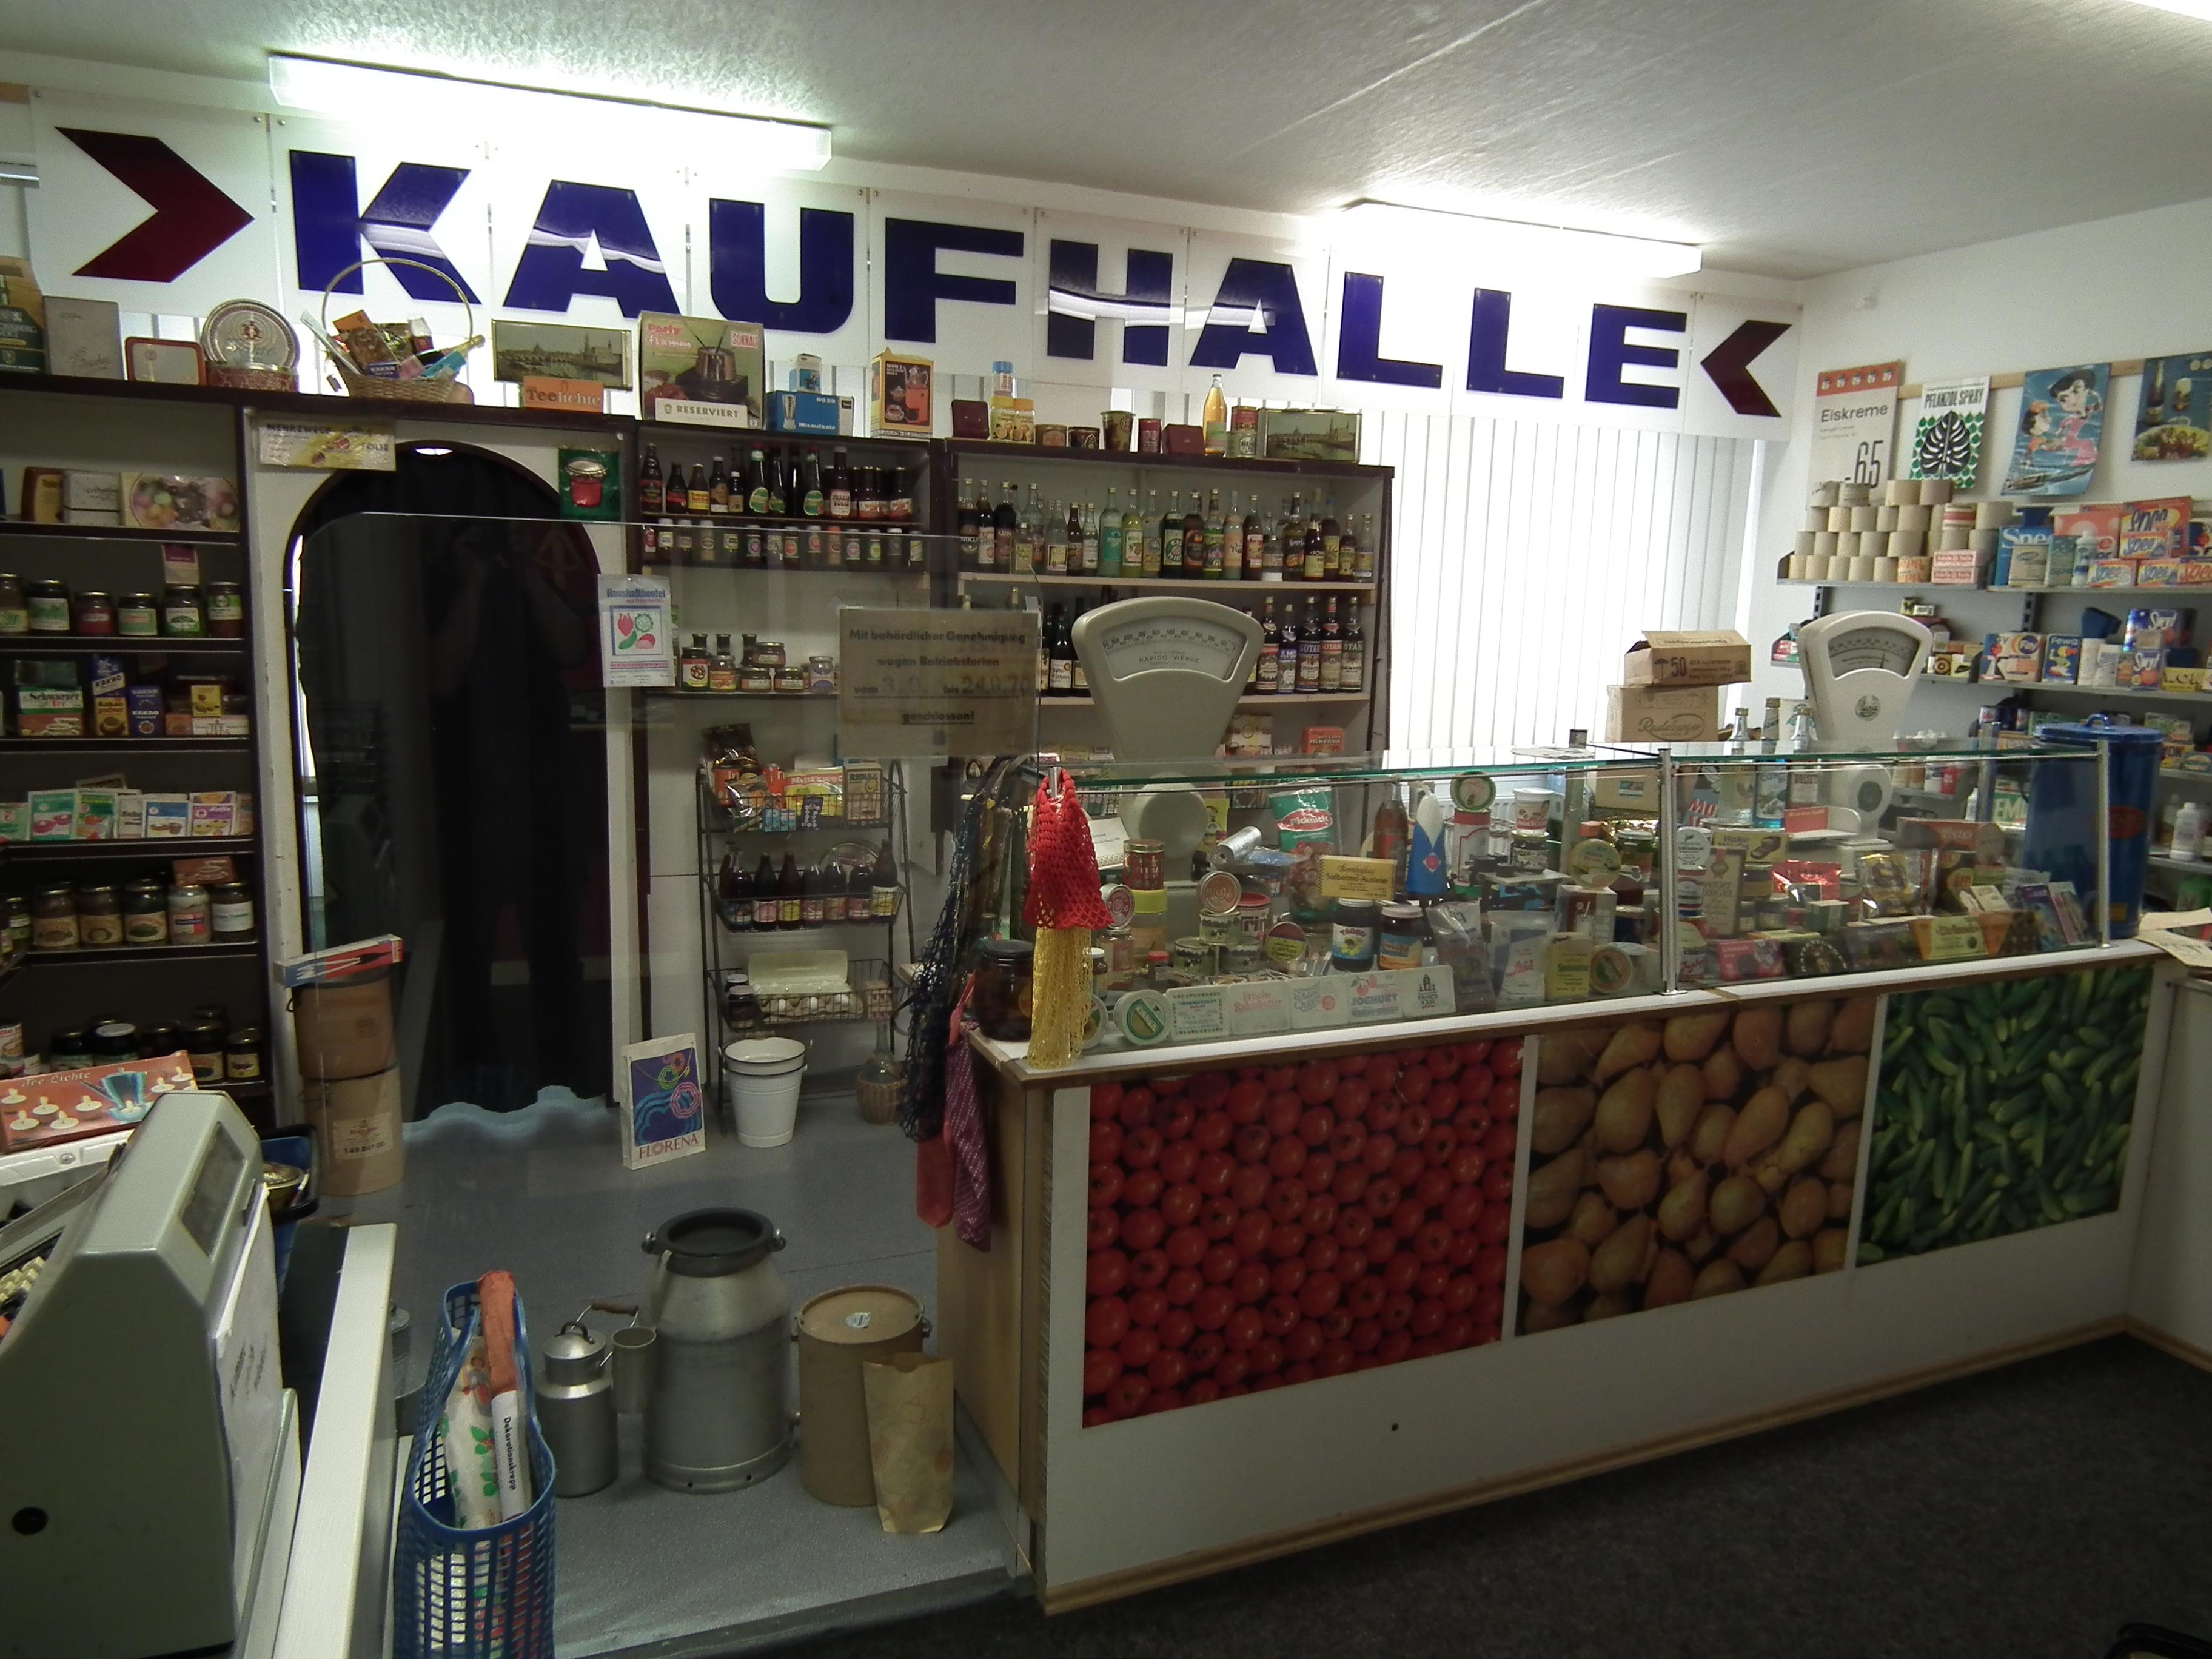 DR-Museum Zeitreise in Radebeul, nachgebildetes typisches Einzelhandelsgeschäft in der DDR